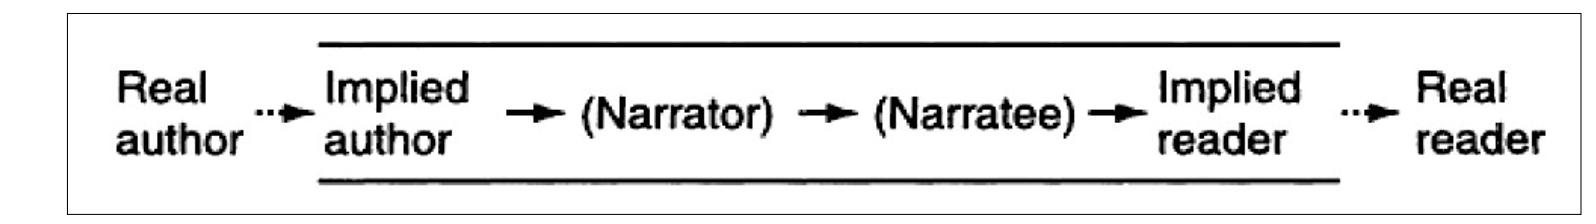 Seymour Chatman's narratological scheme